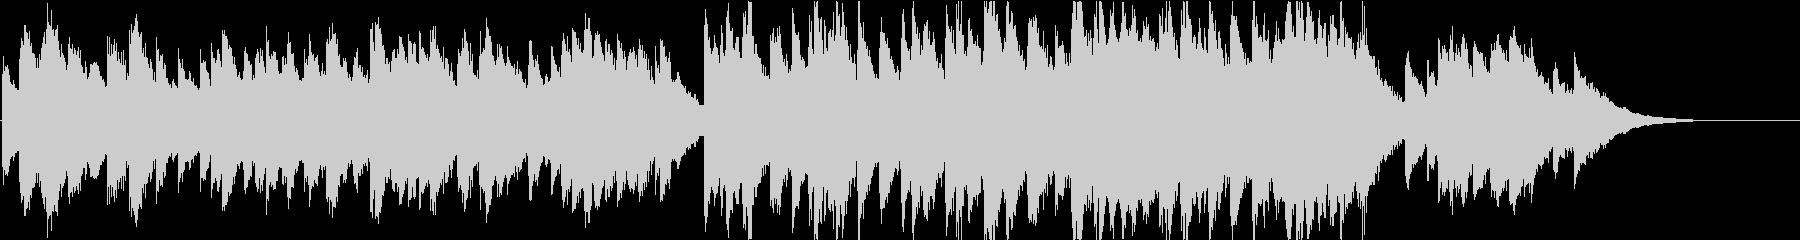 時報・チャイム風の名曲のメロディ・24の未再生の波形